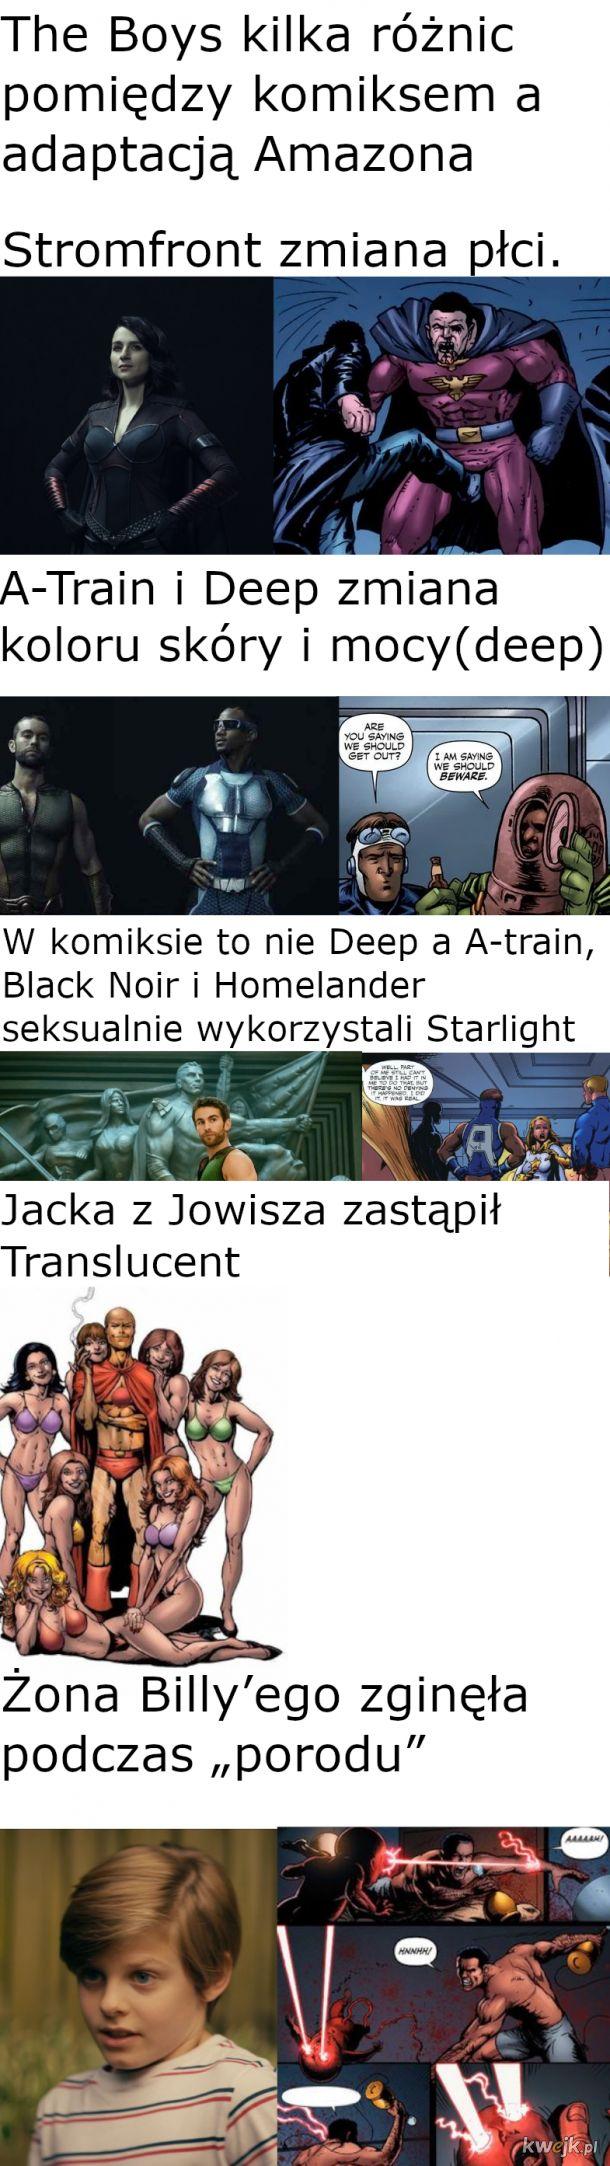 The Boys kilka różnic pomiędzy serialem a komiksem